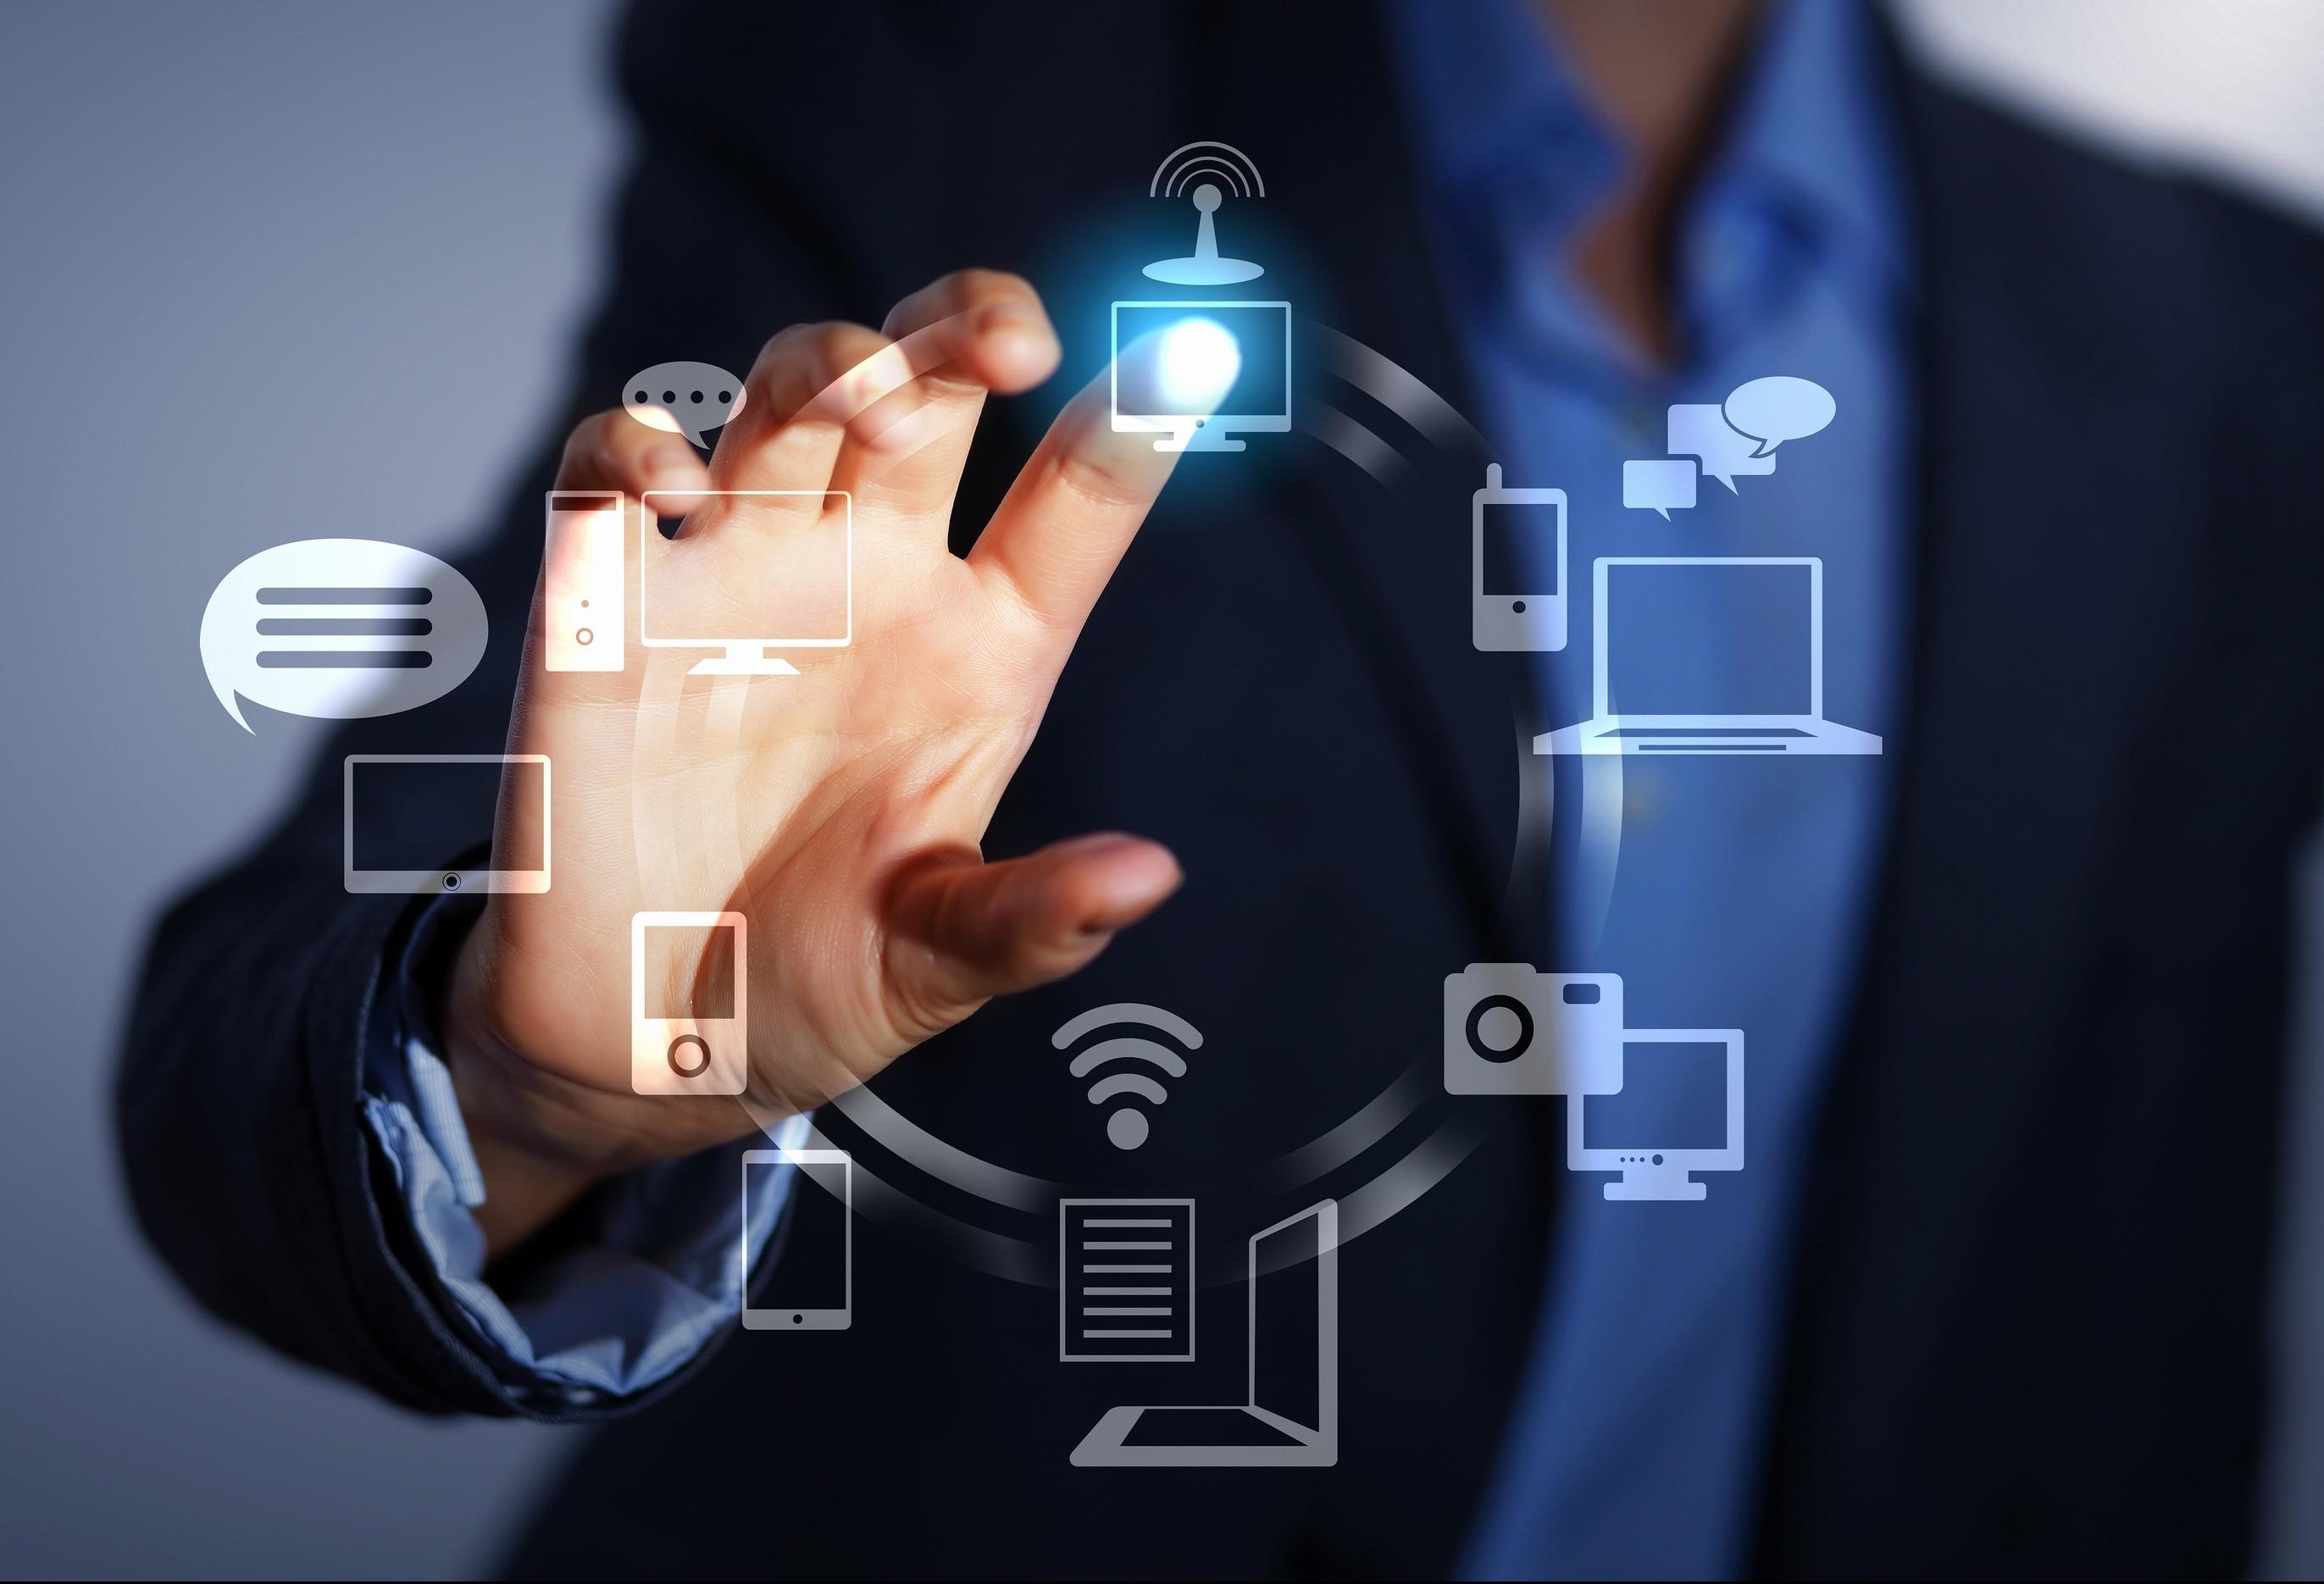 Produtividade aumenta com o uso da tecnologia